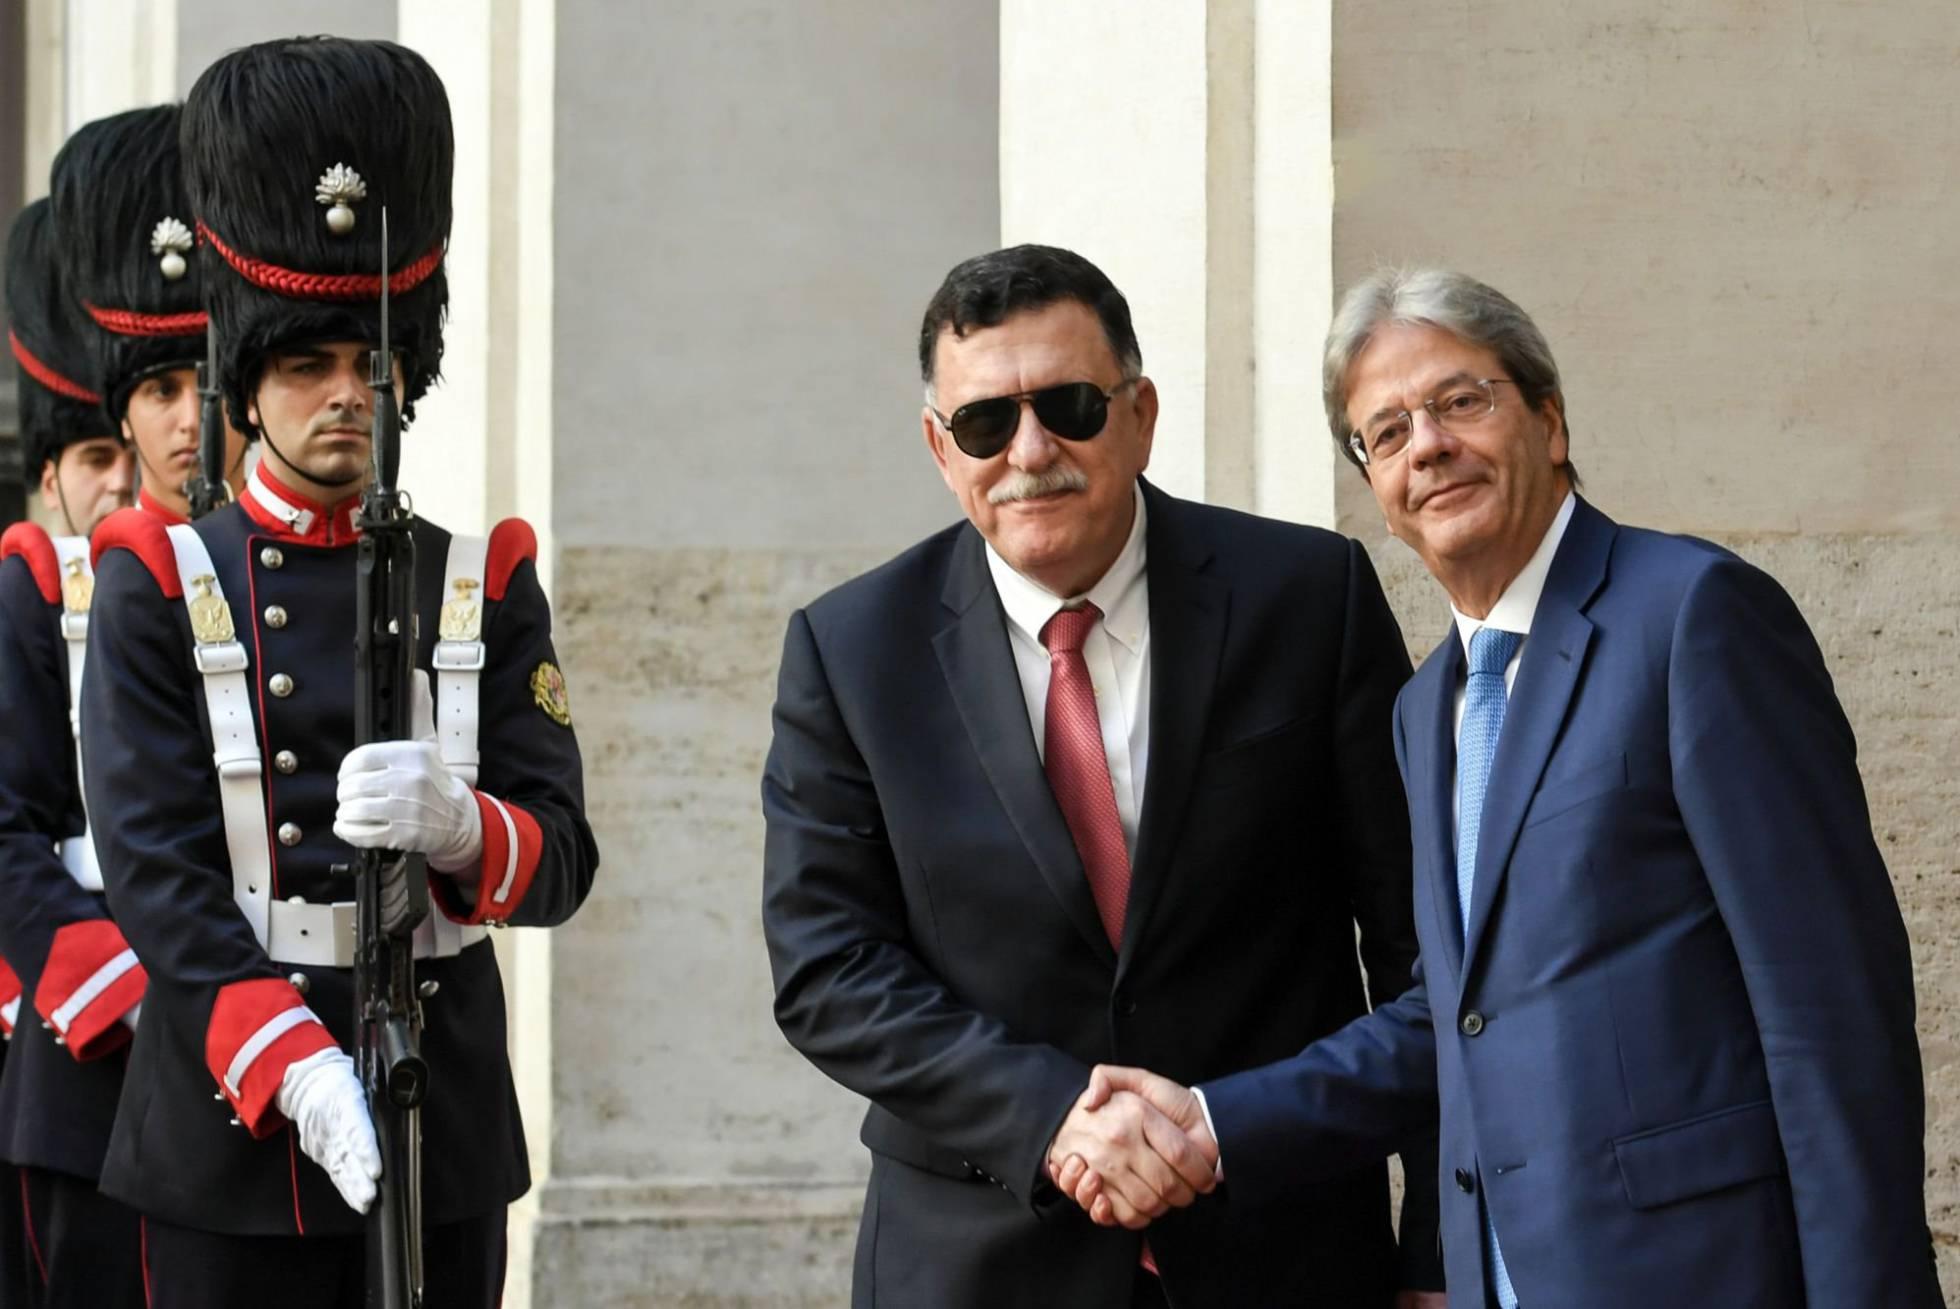 militar - La UE ultima su operación militar para frenar a las mafias en Libia 1501068893_293313_1501069243_noticia_normal_recorte1